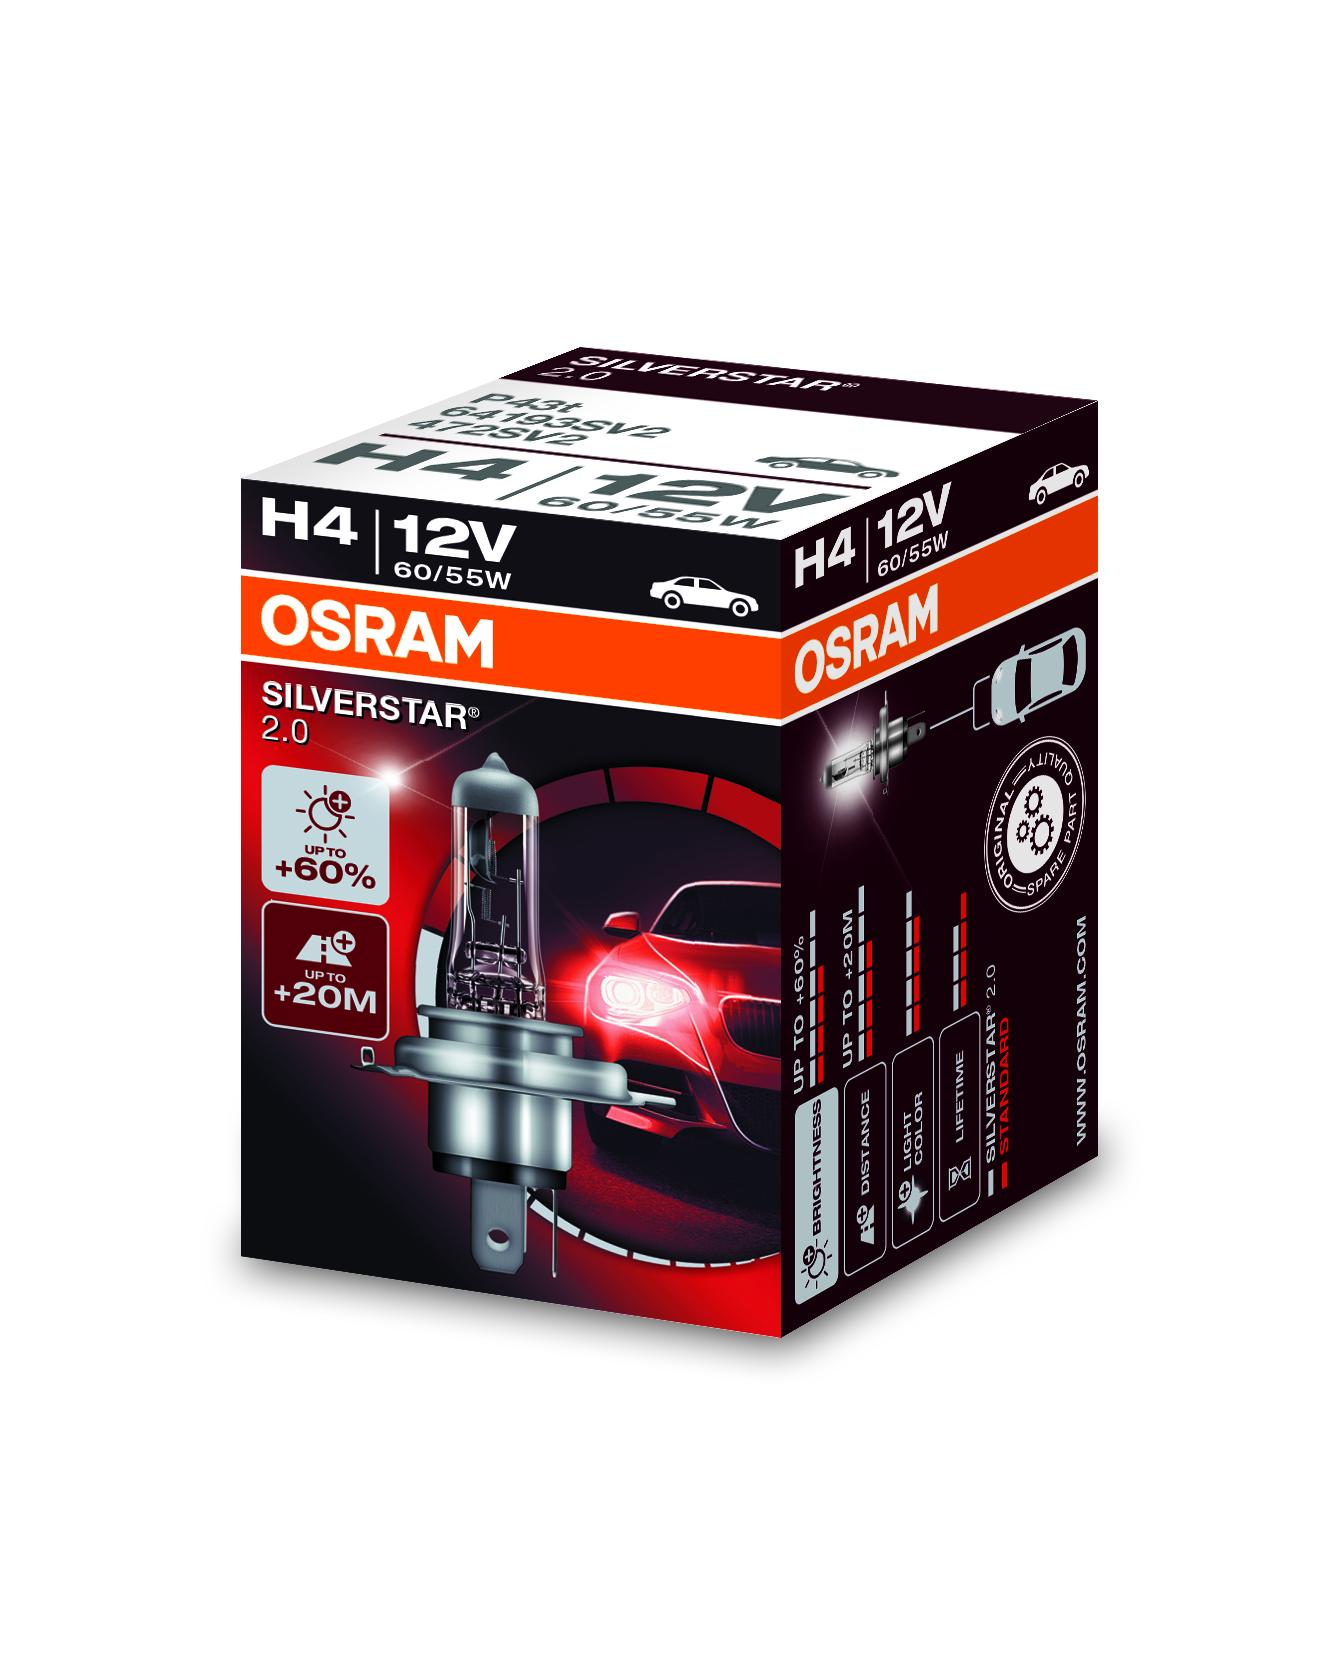 Osram halogenová žárovka, SILVERSTAR 2, H4, P43t, 12V, 60/55W, 64193SV2